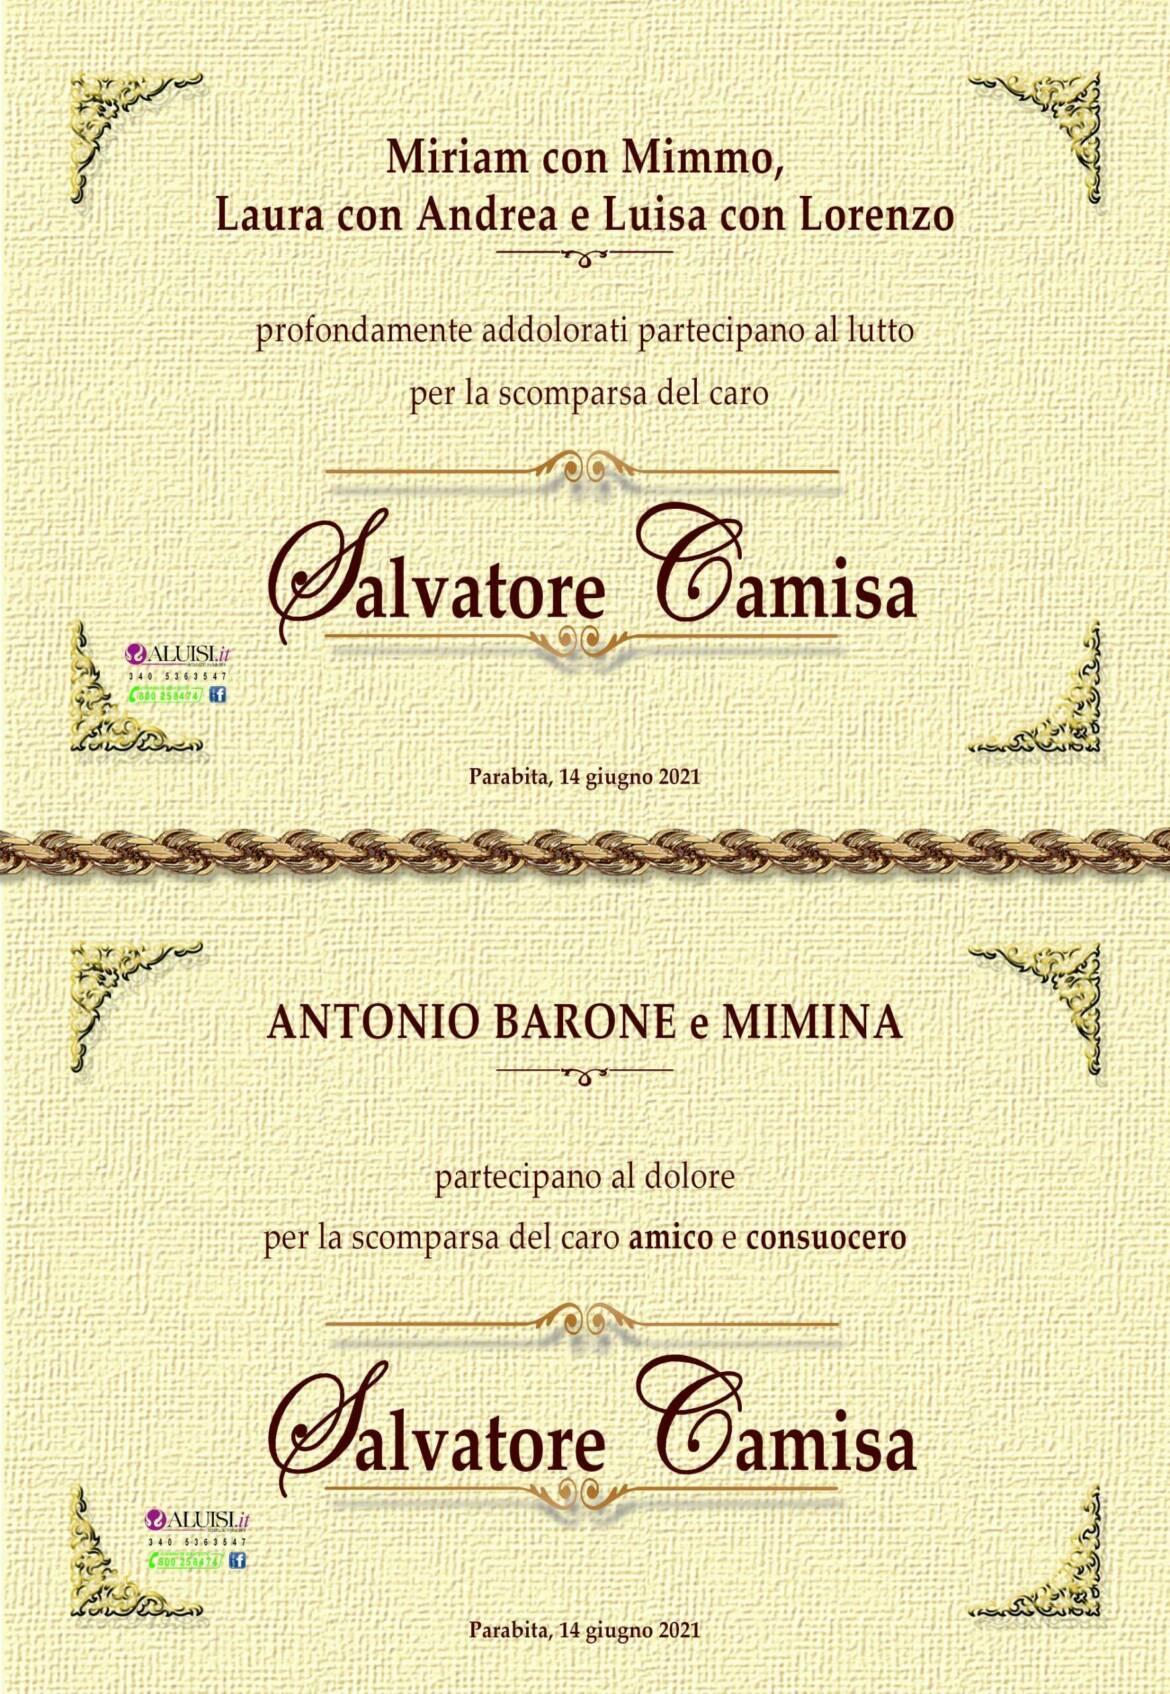 PRTECIPAIZONE-SALVATORE-CAMISA-6-1-scaled.jpg